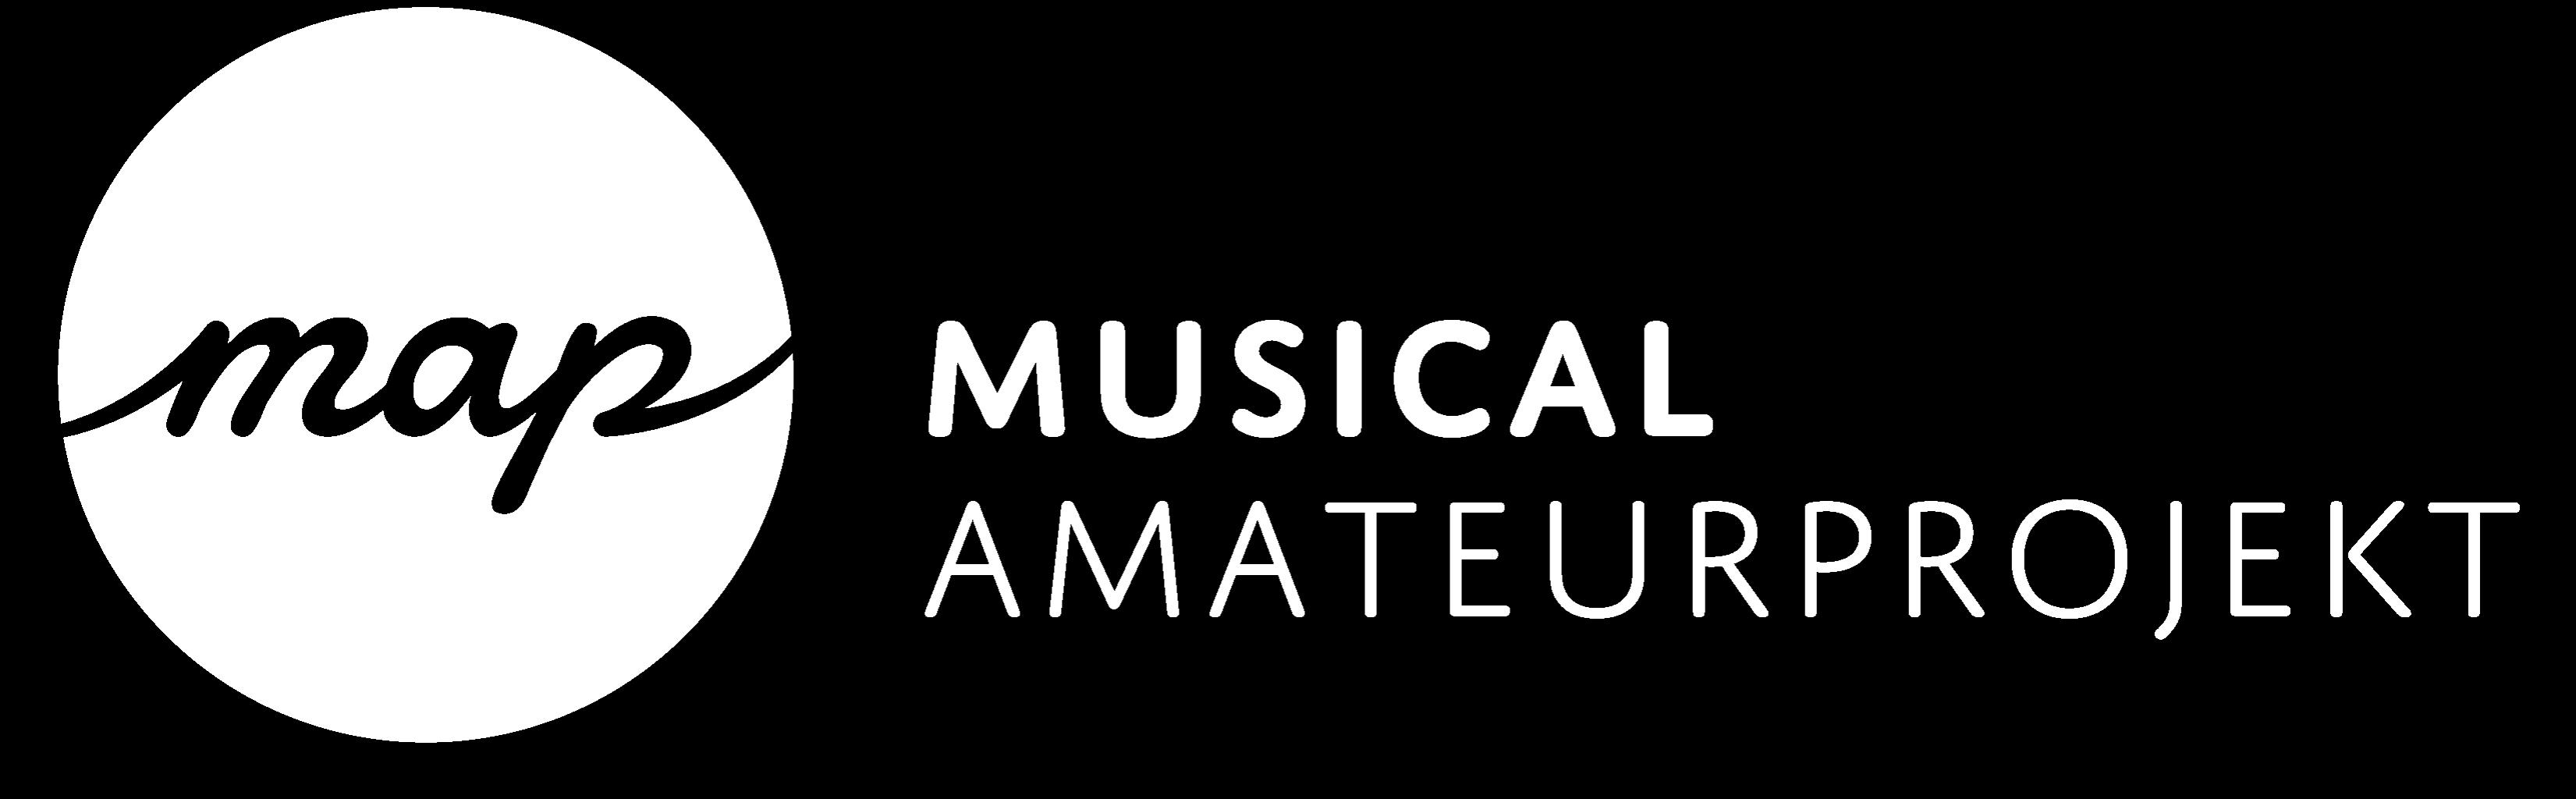 Musical Amateur Projekt logo